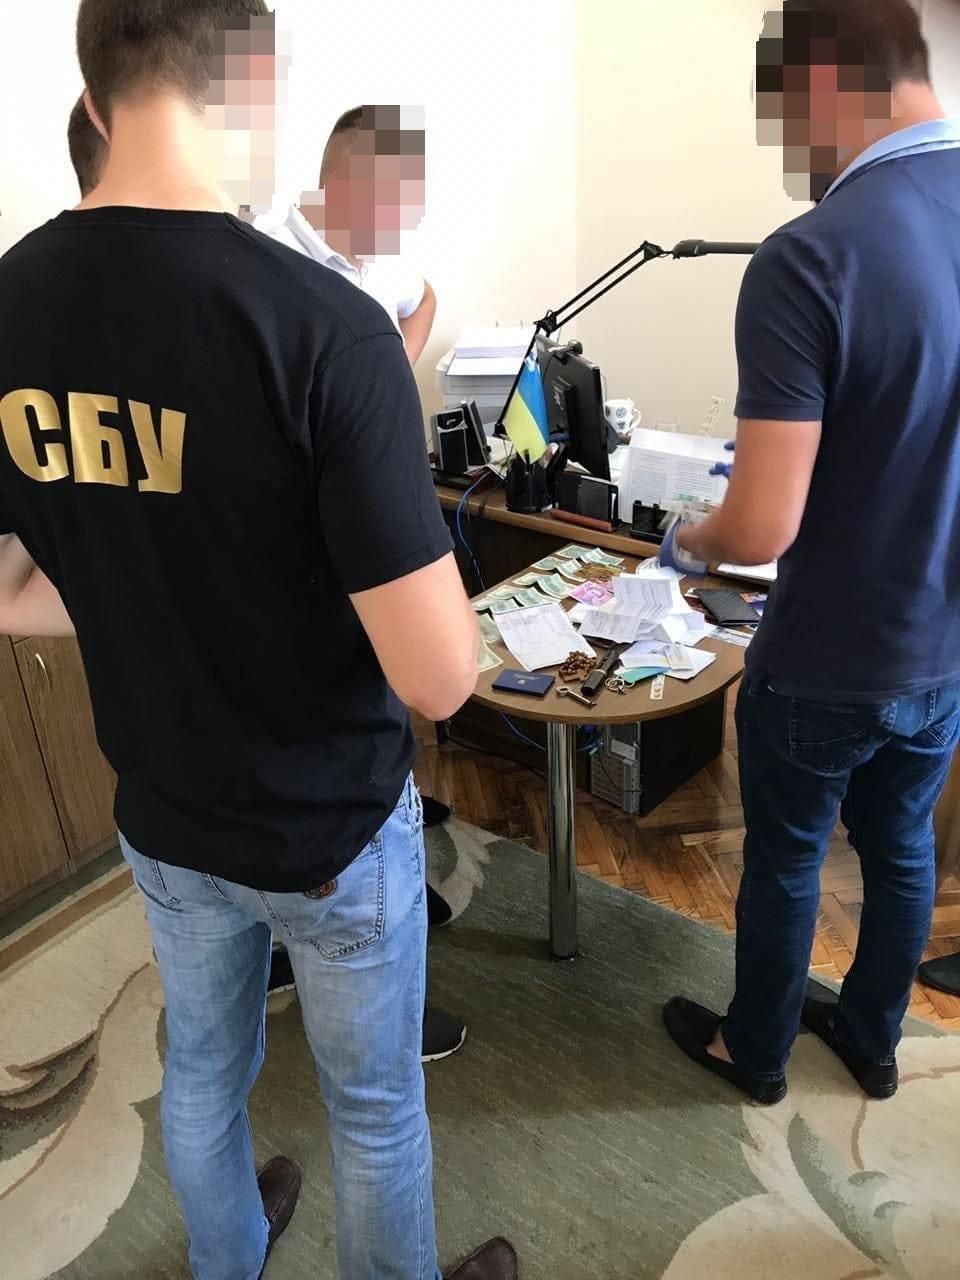 СБУ викрила керівника одного з райвідділів виконавчої служби Івано-Франківщини на хабарях, фото-5